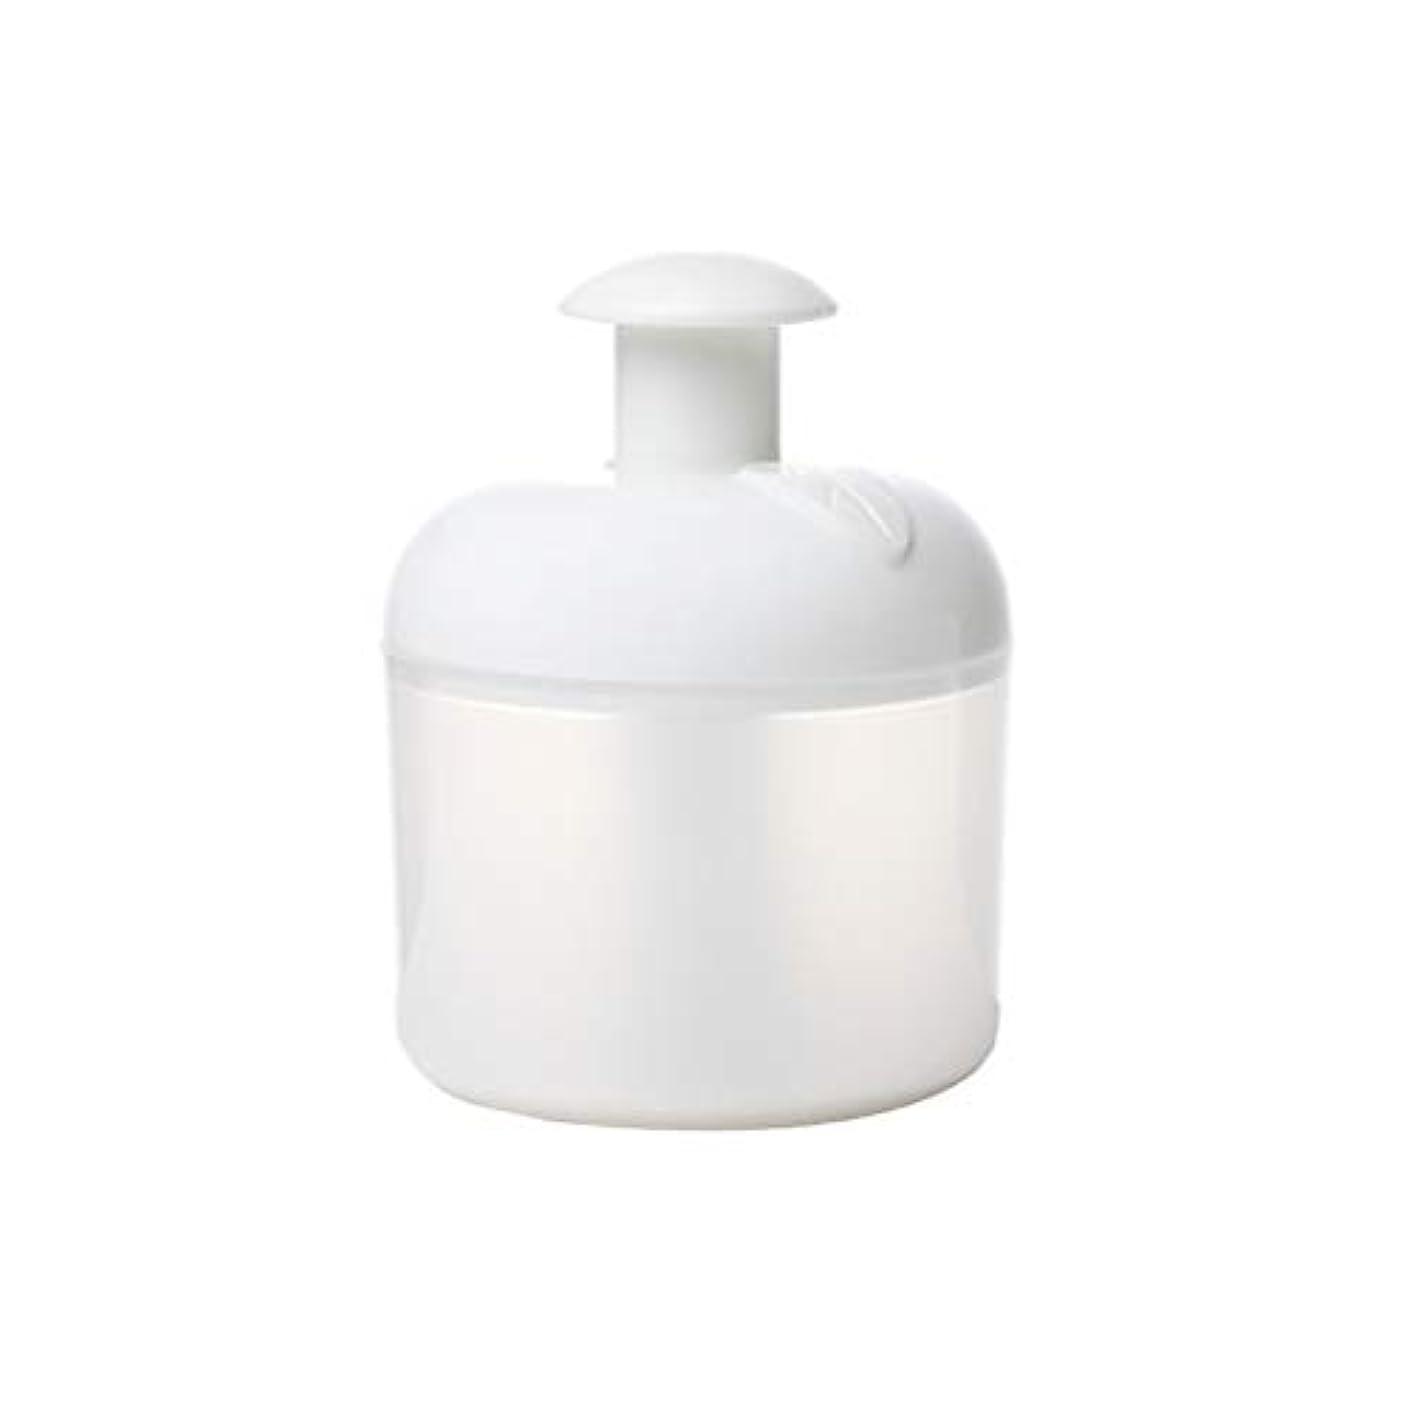 依存グレートオーク飽和するLurrose 洗顔泡立て器フェイスクレンザーバブルメーカー用フェイスウォッシュスキンケアトラベル家庭用(ホワイト)